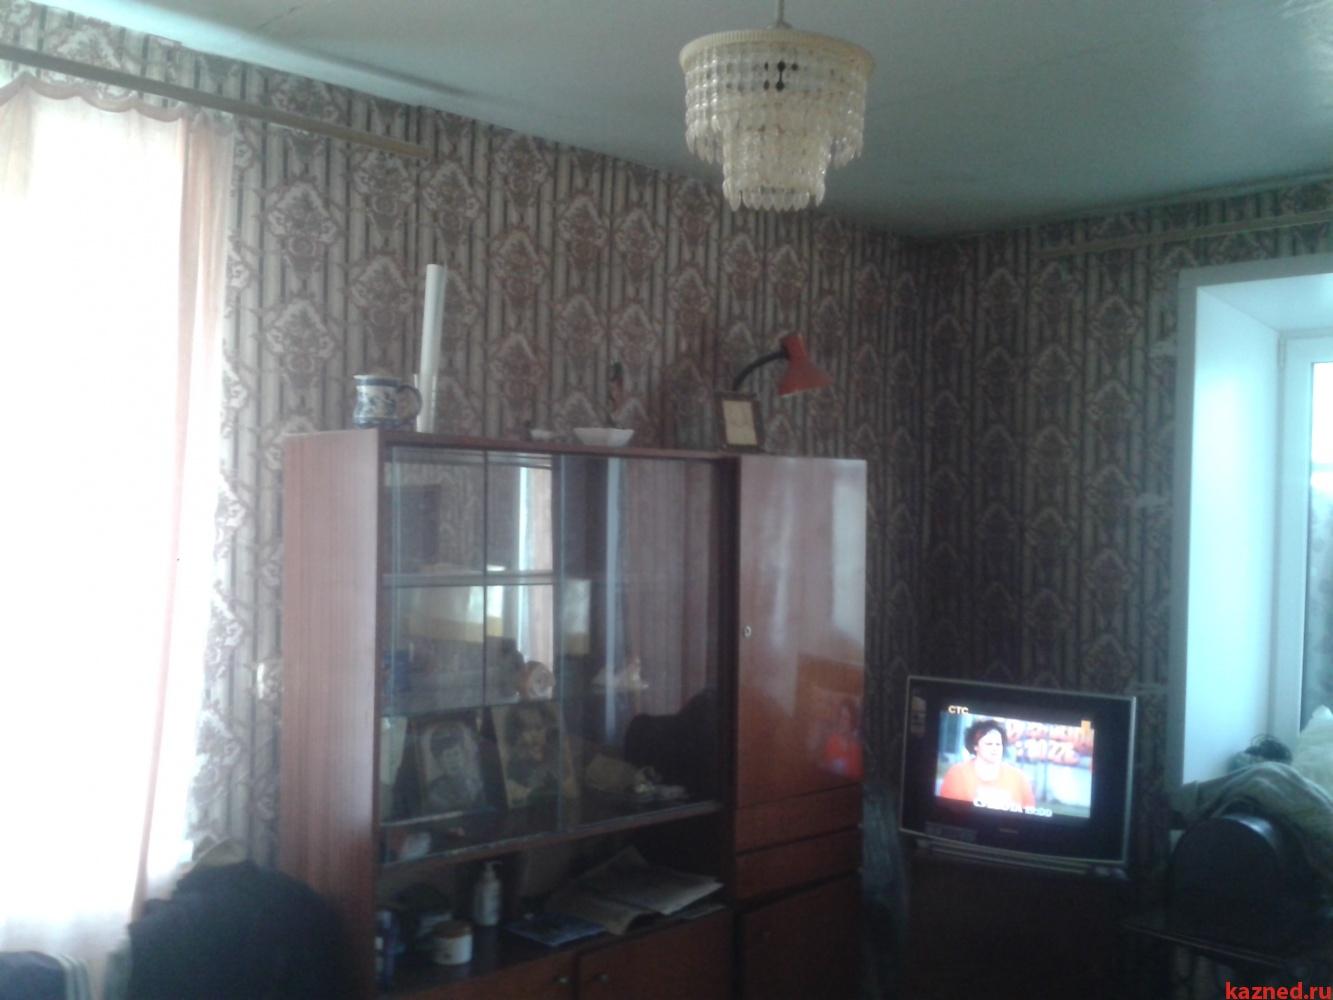 Продажа 1-к квартиры Новая, 7, 37 м²  (миниатюра №8)